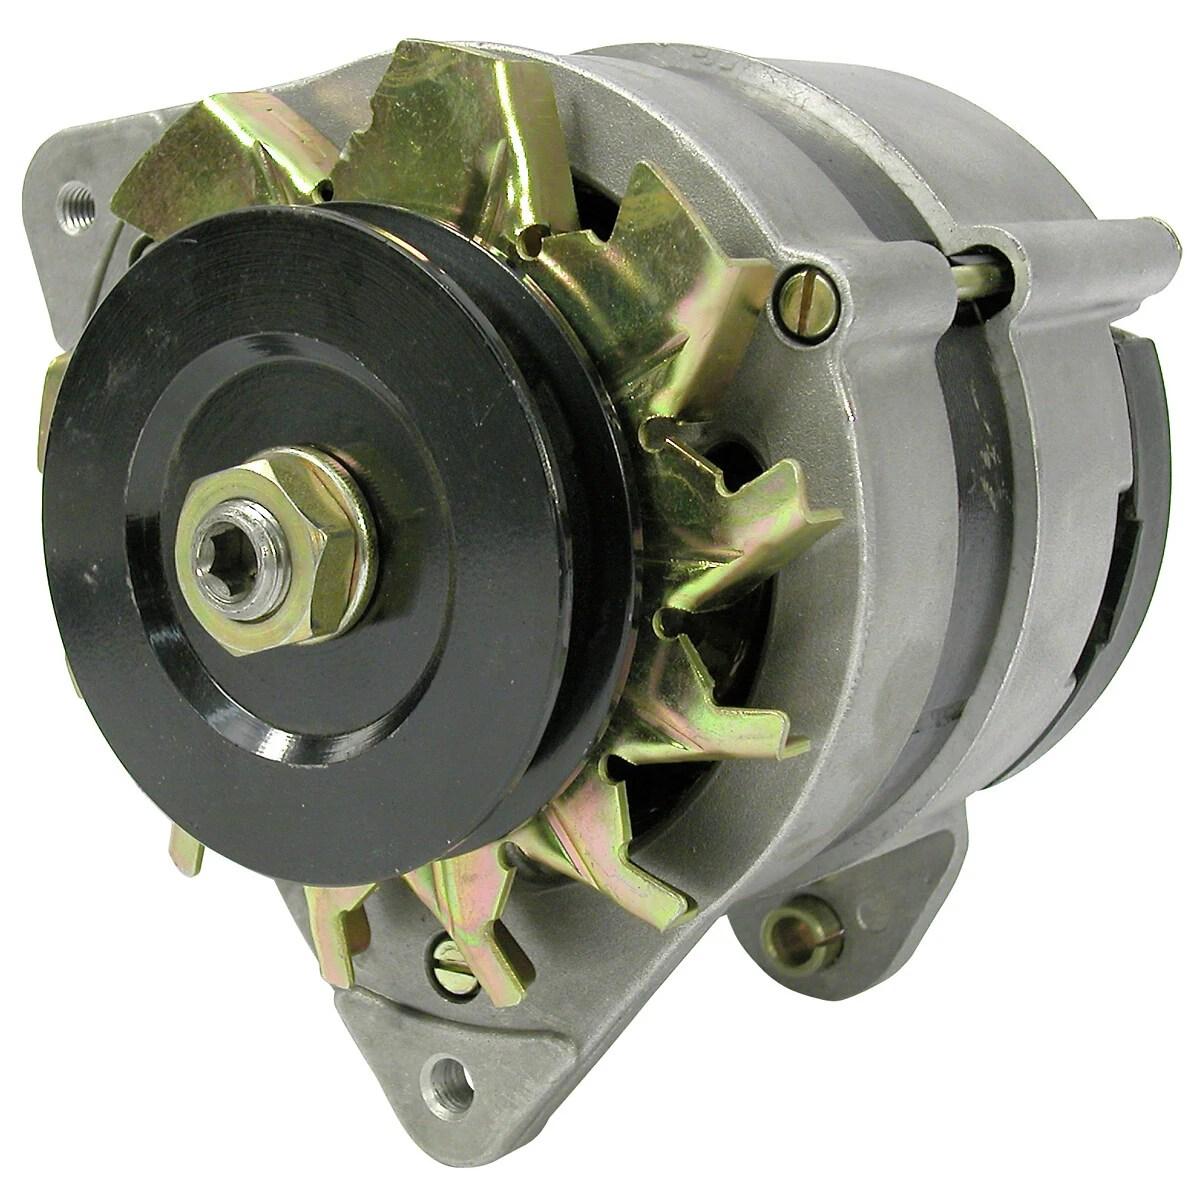 hight resolution of alternator 70a valmet ford shaft 17mm st0215